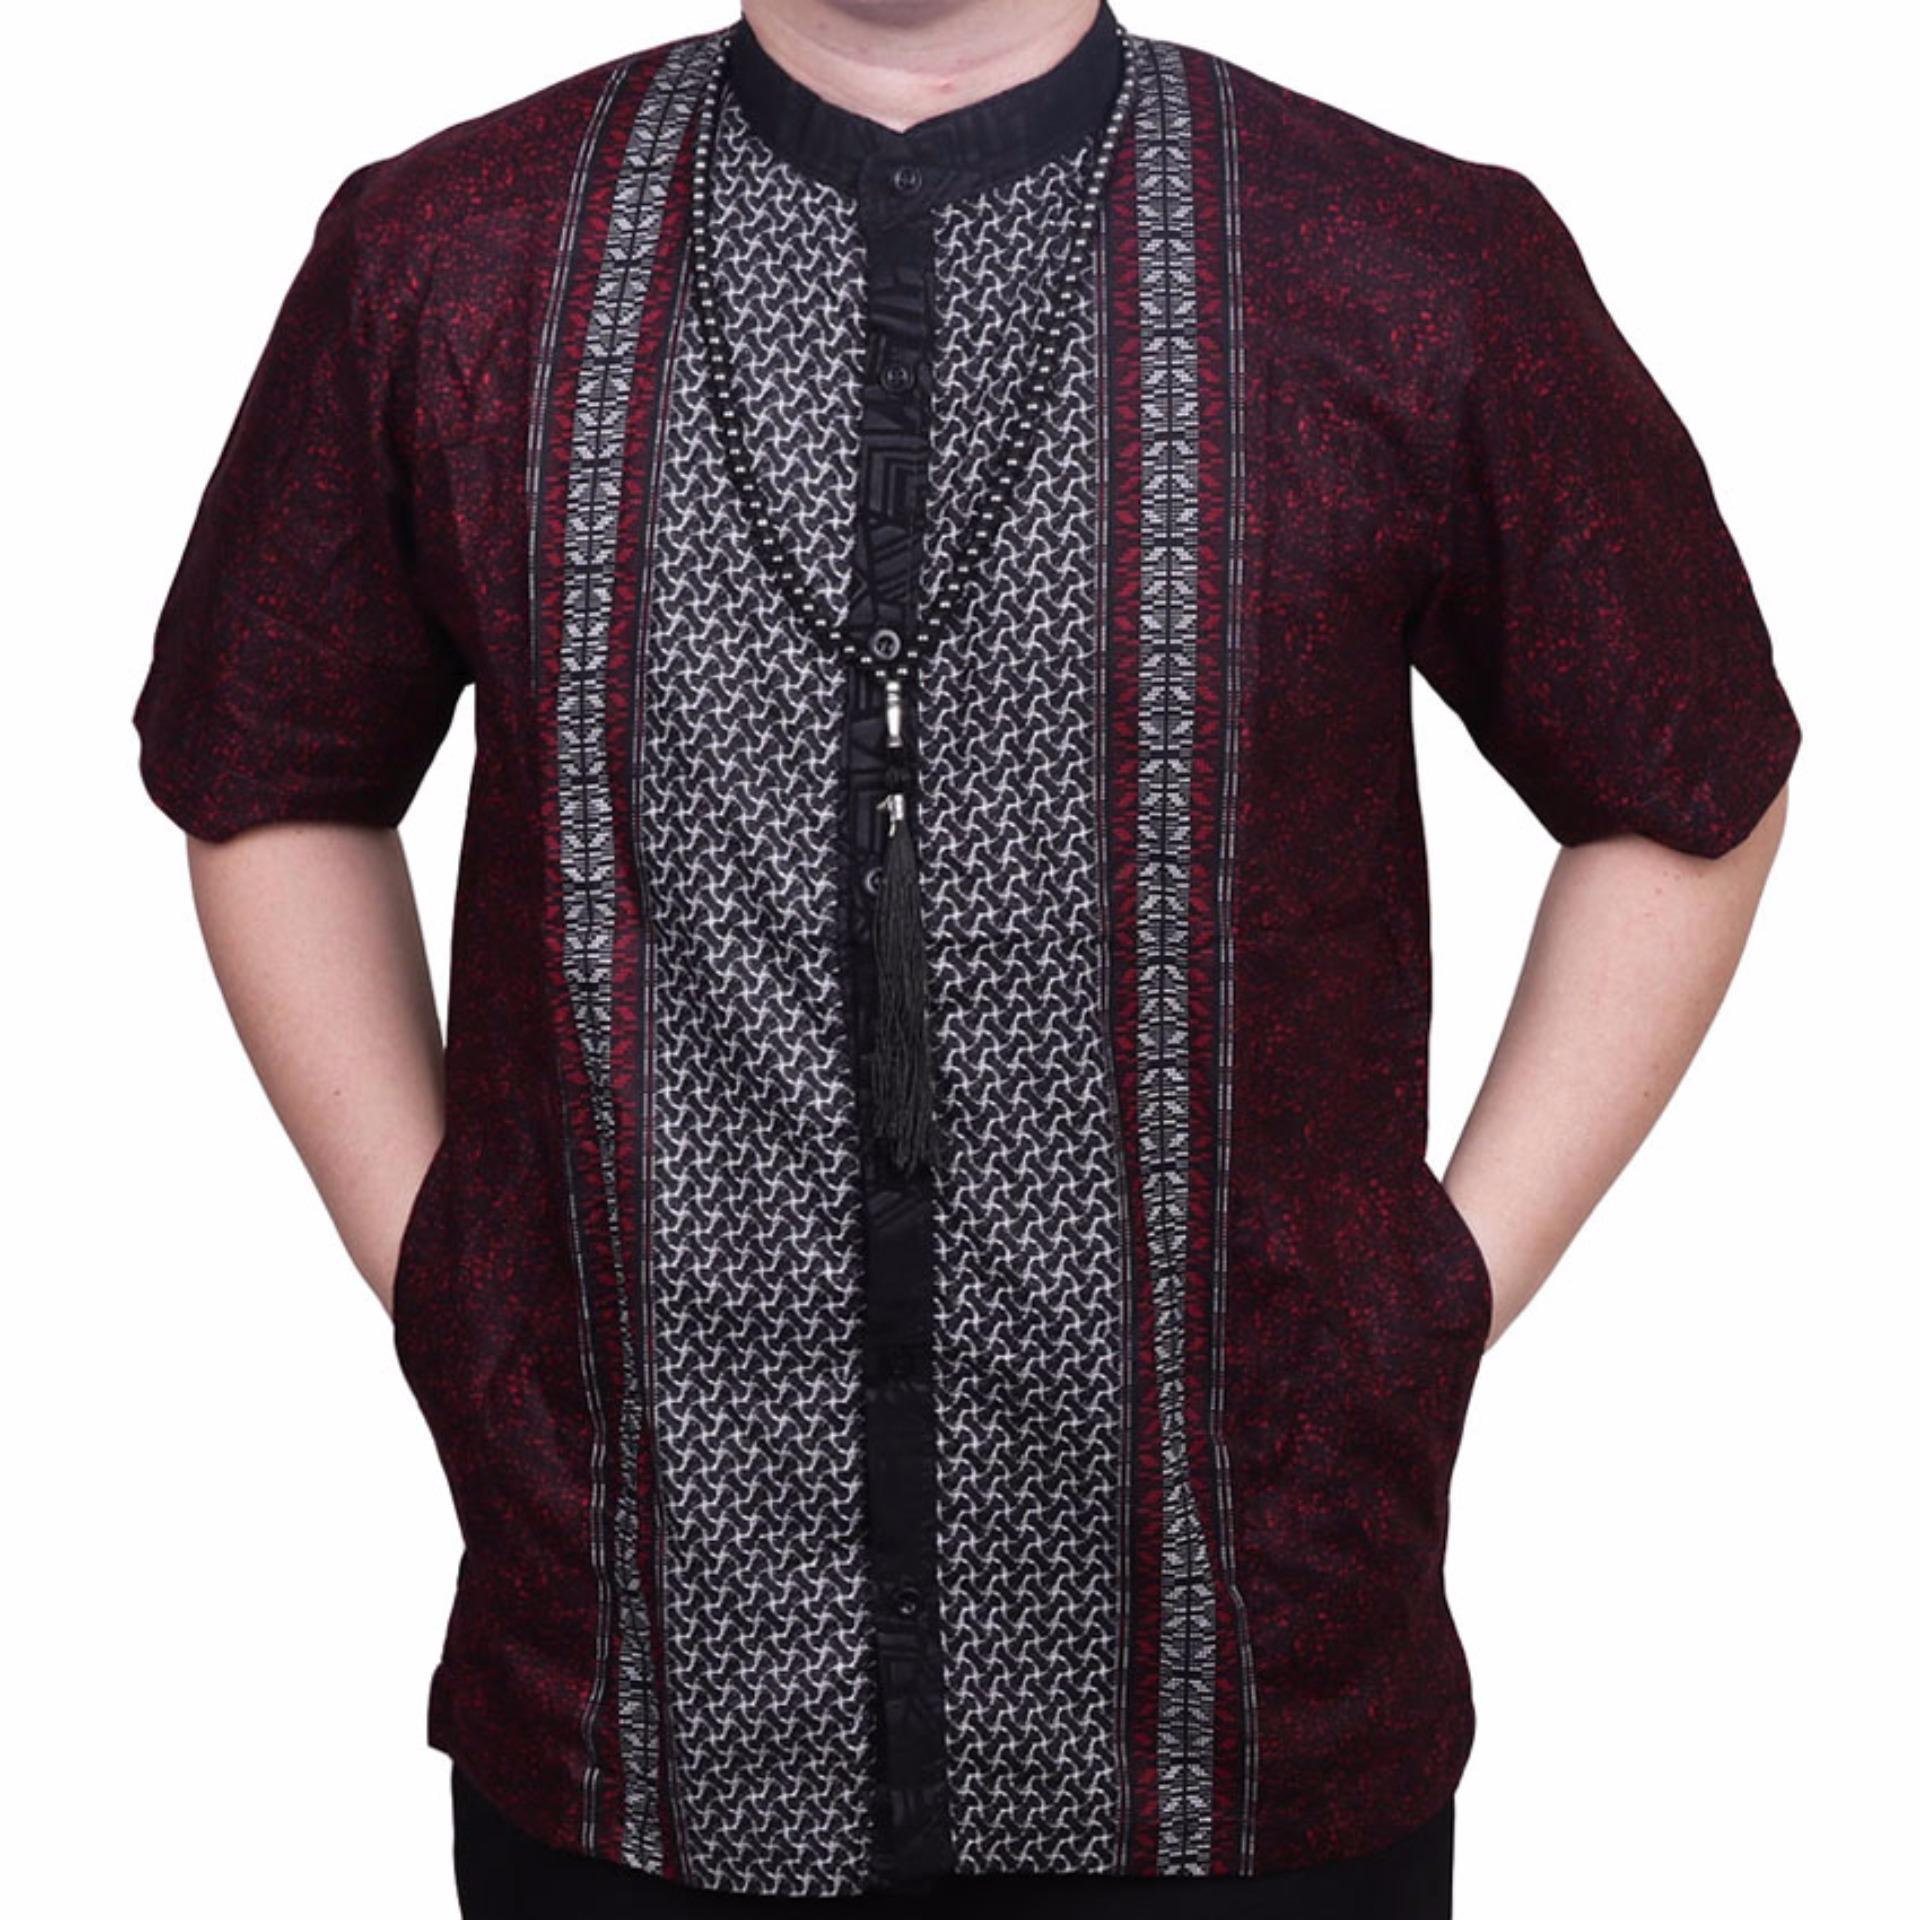 Harga Ormano Baju Koko Muslim Batik Lebaran Lengan Pendek Zo17 Kk06 Kemeja Fashion Pria Merah Murah